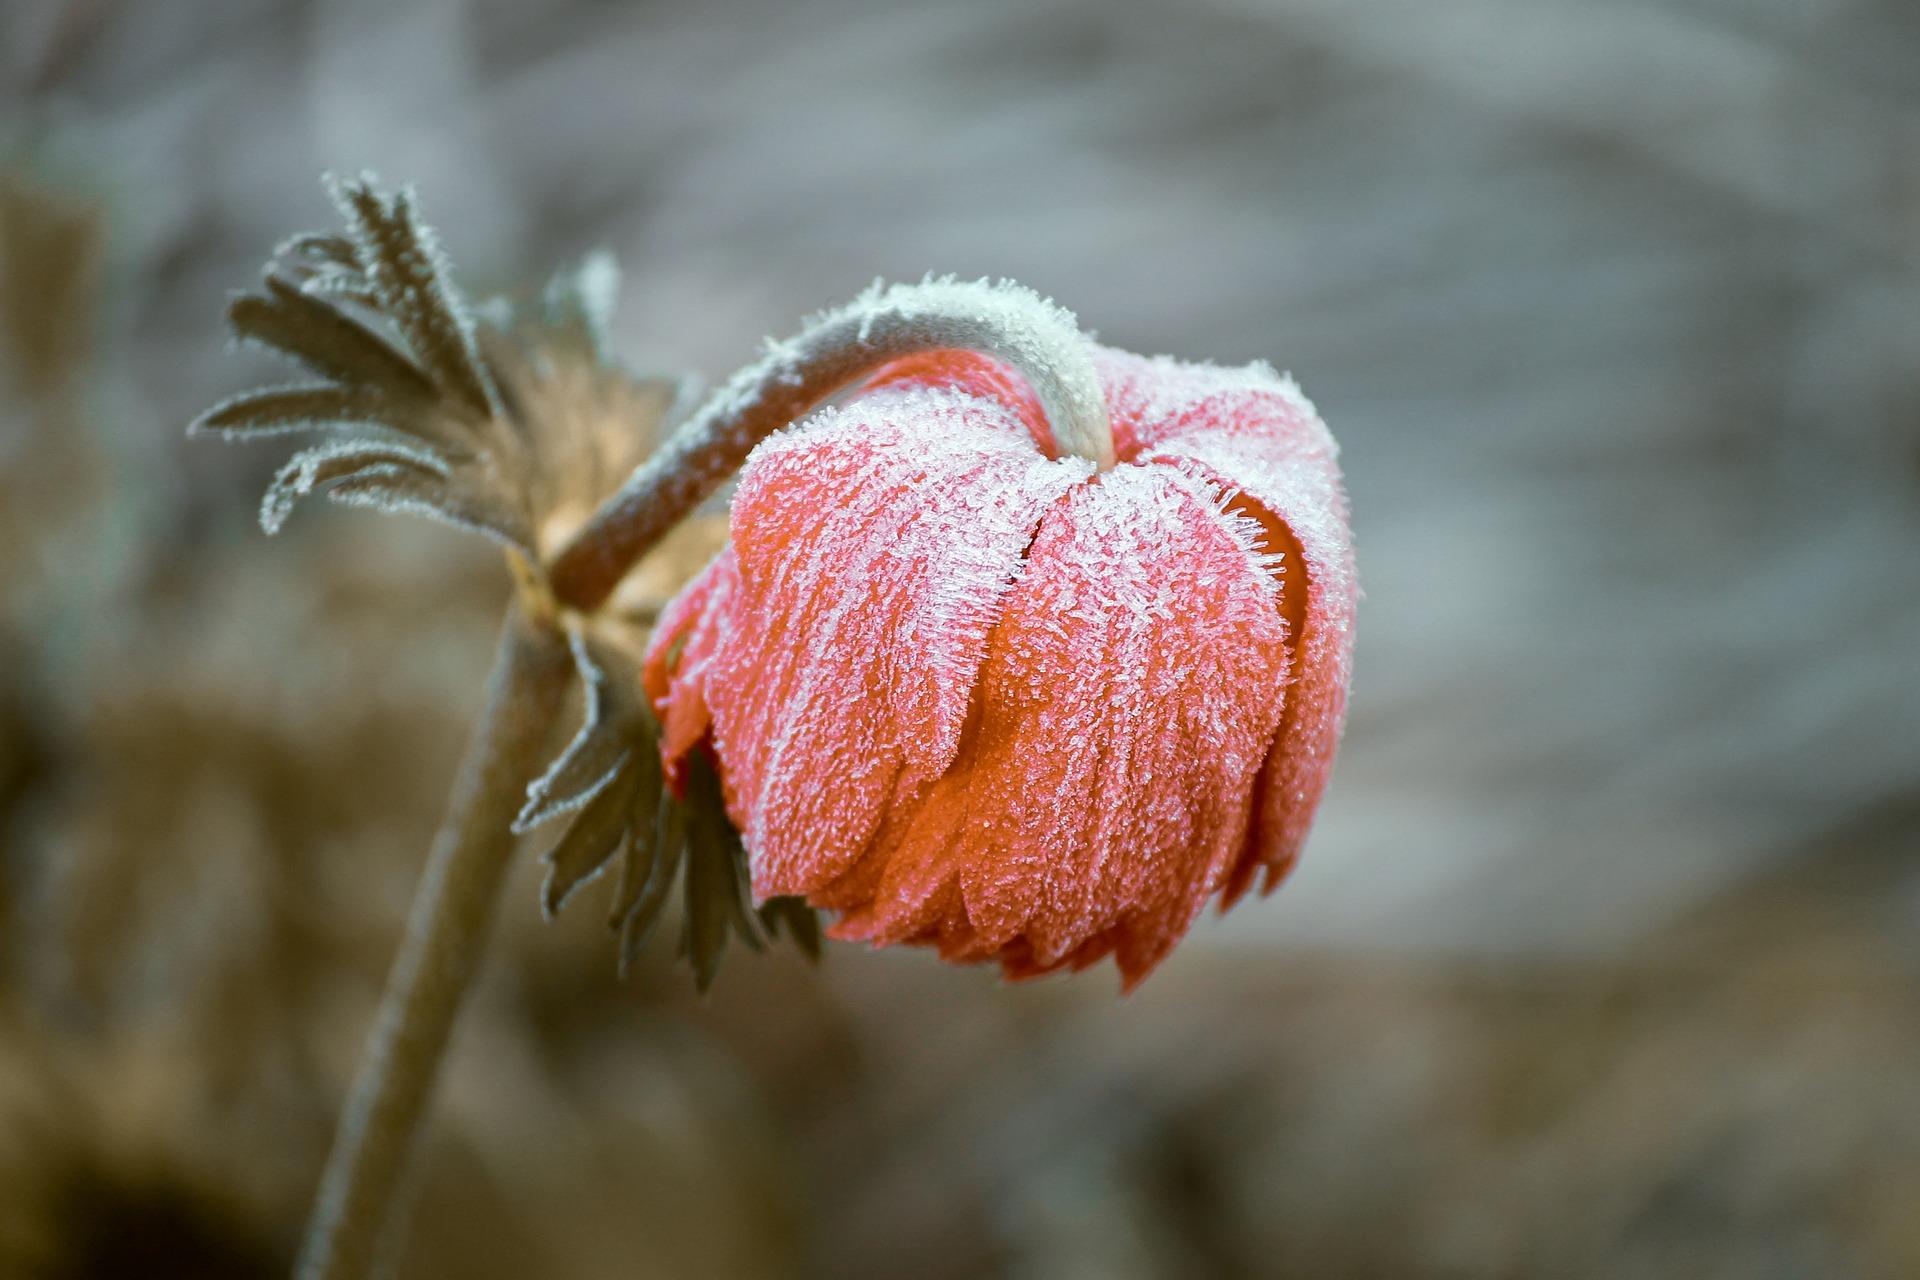 Miten luonnon ikiaikainen viisaus siirtyy kasvien kautta kehomme hyödynnettäväksi?